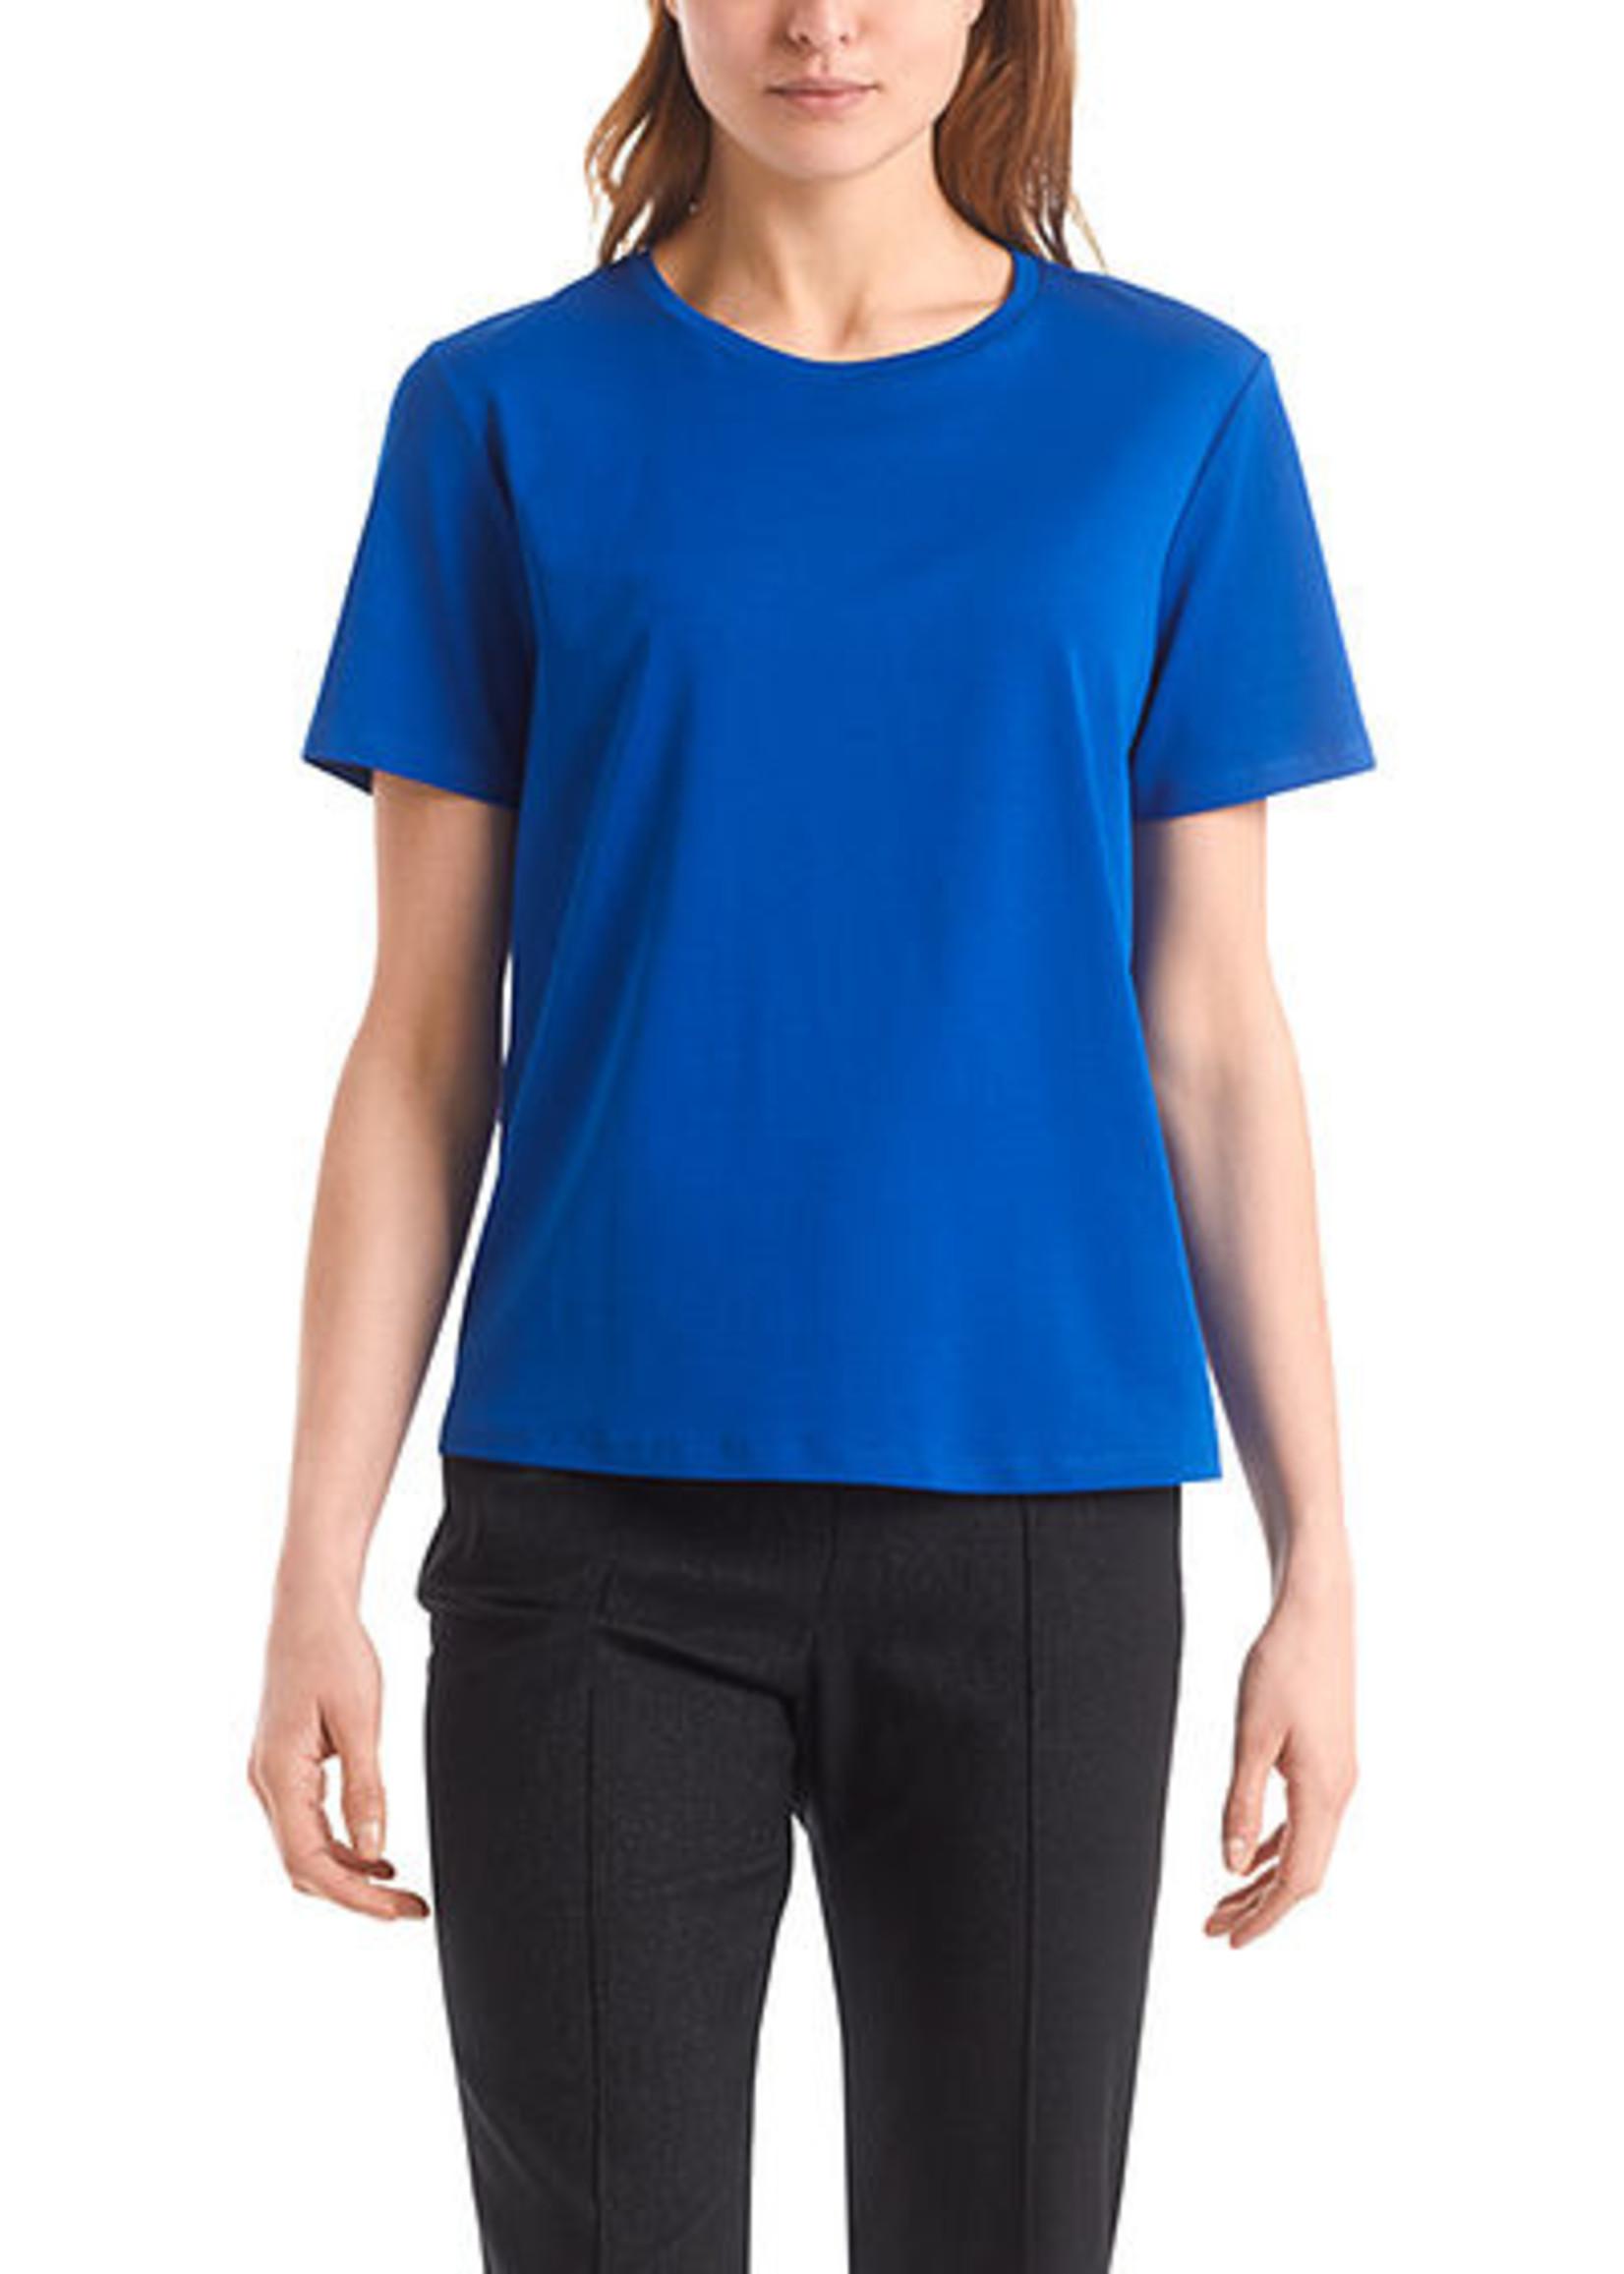 T-shirt RC 48.11 J14 gentian